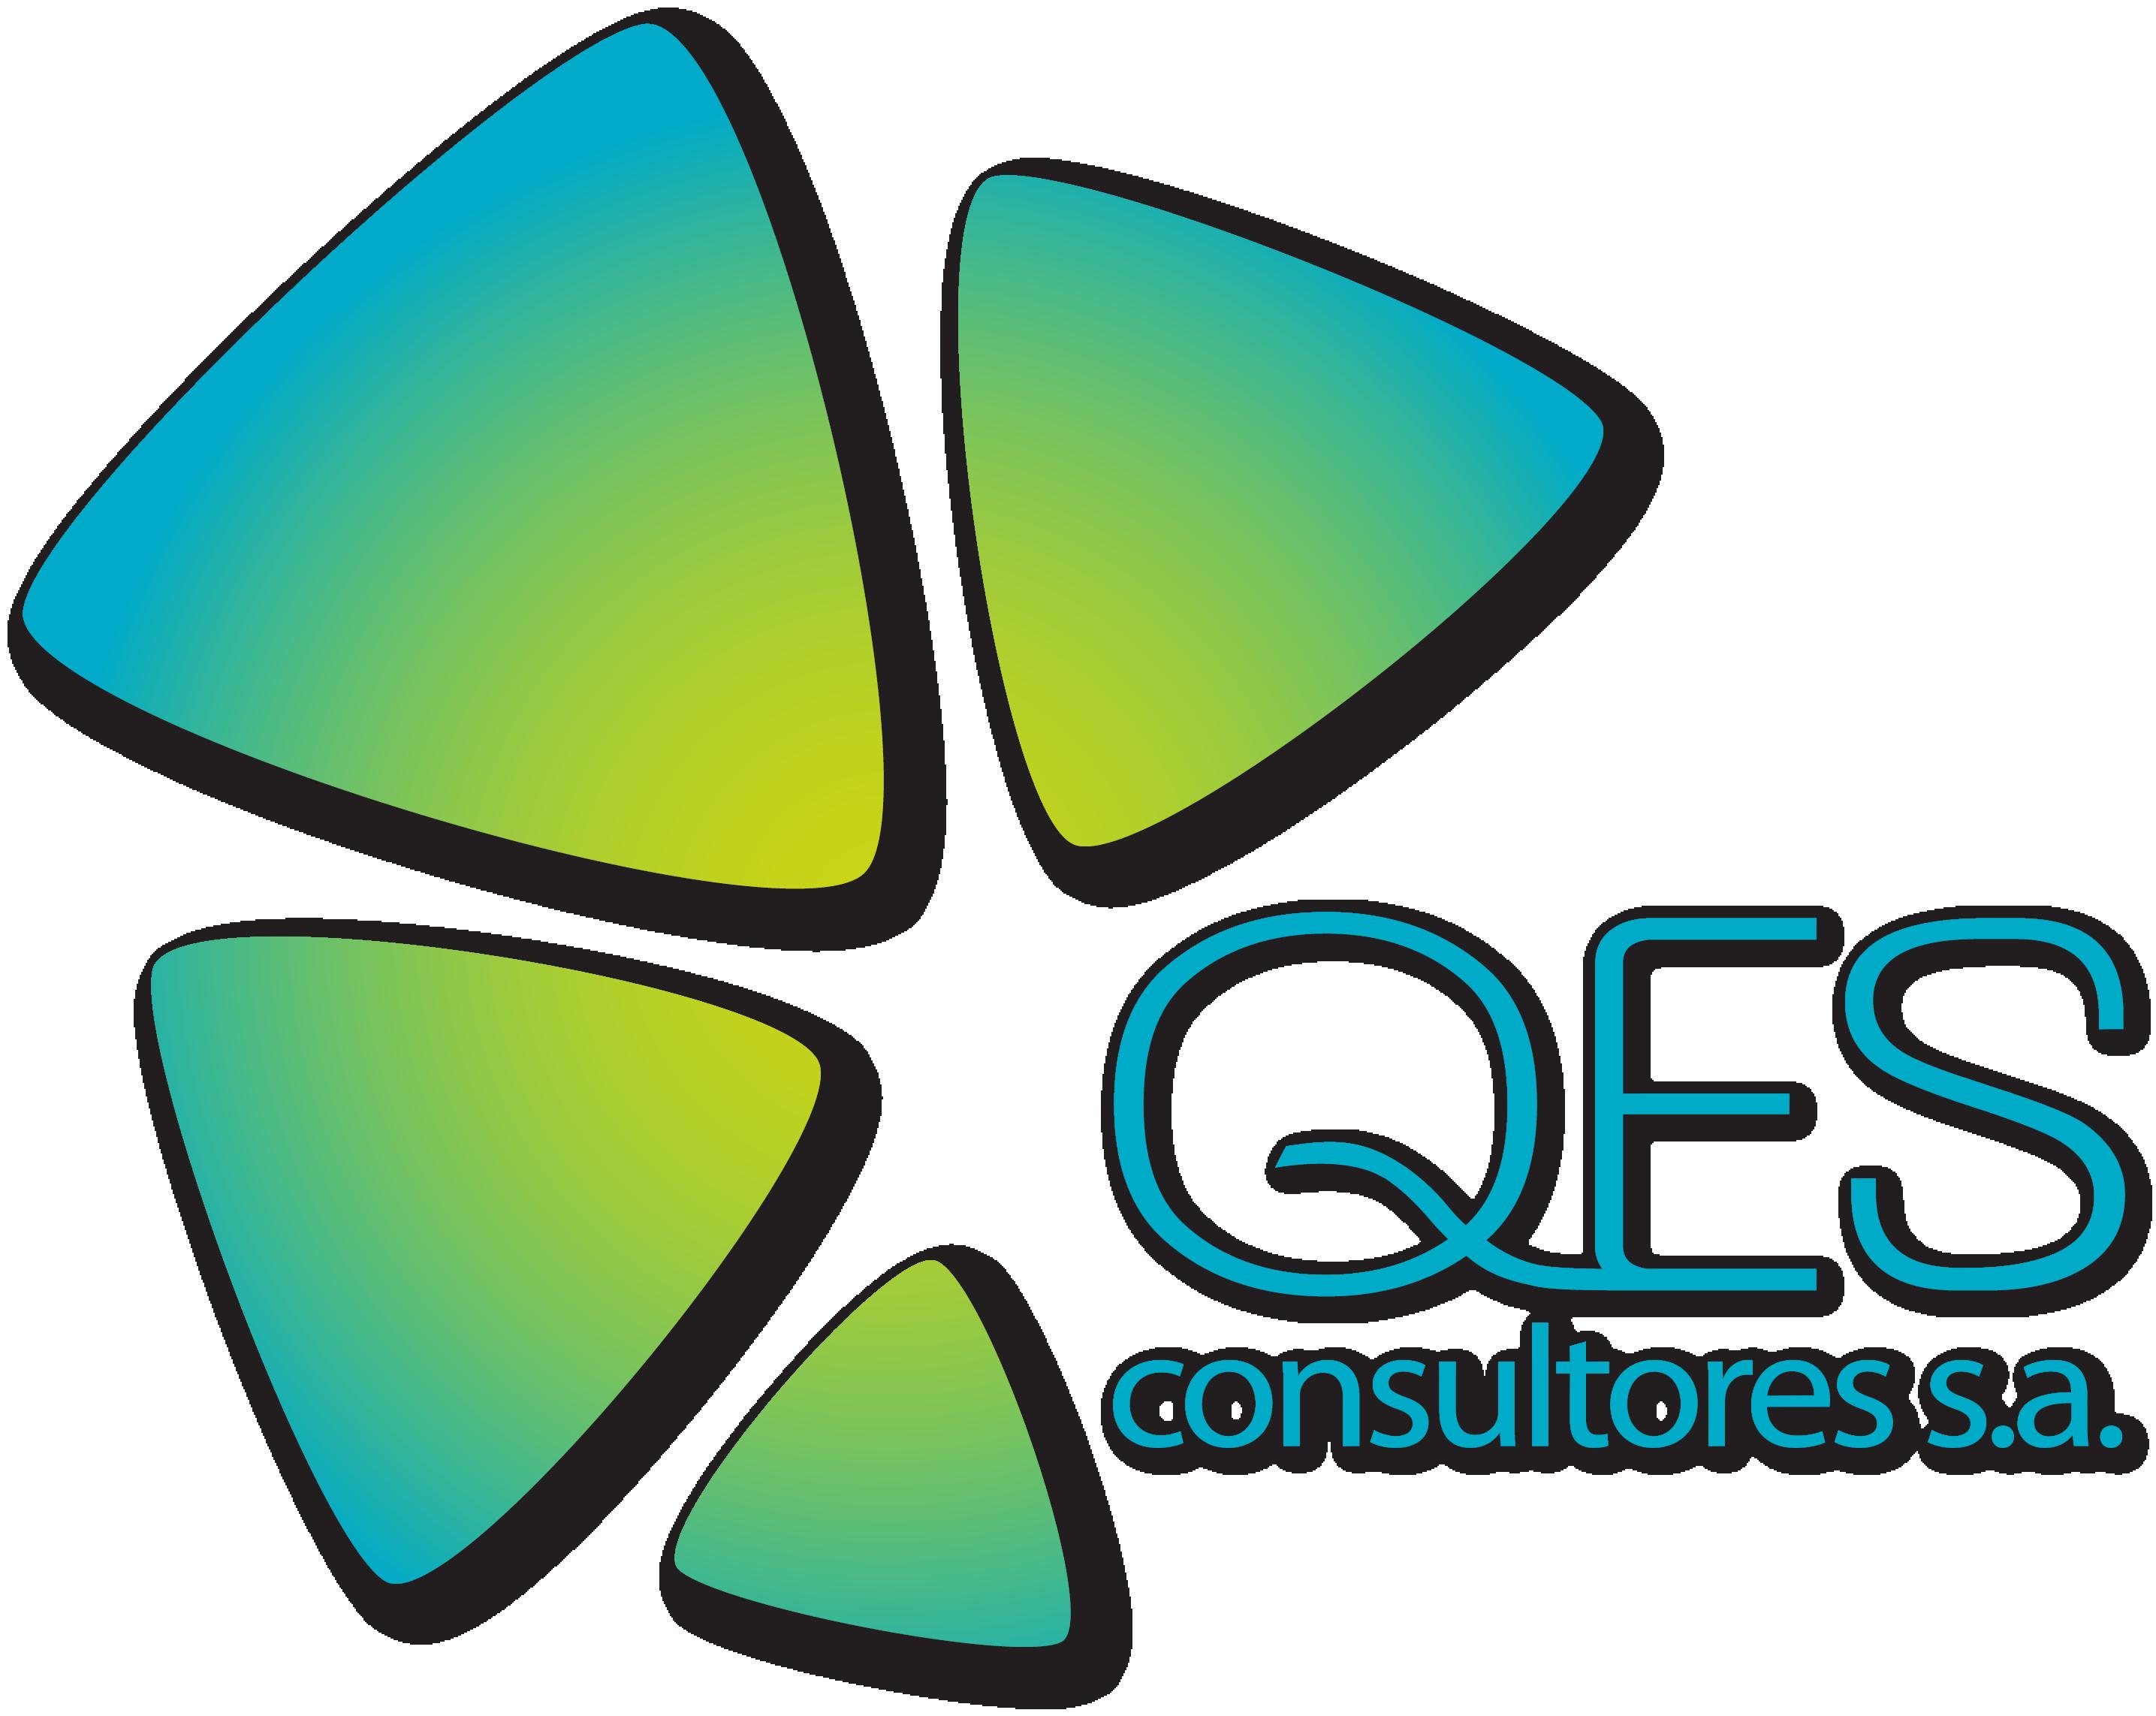 QESCONSULTORES S.A.